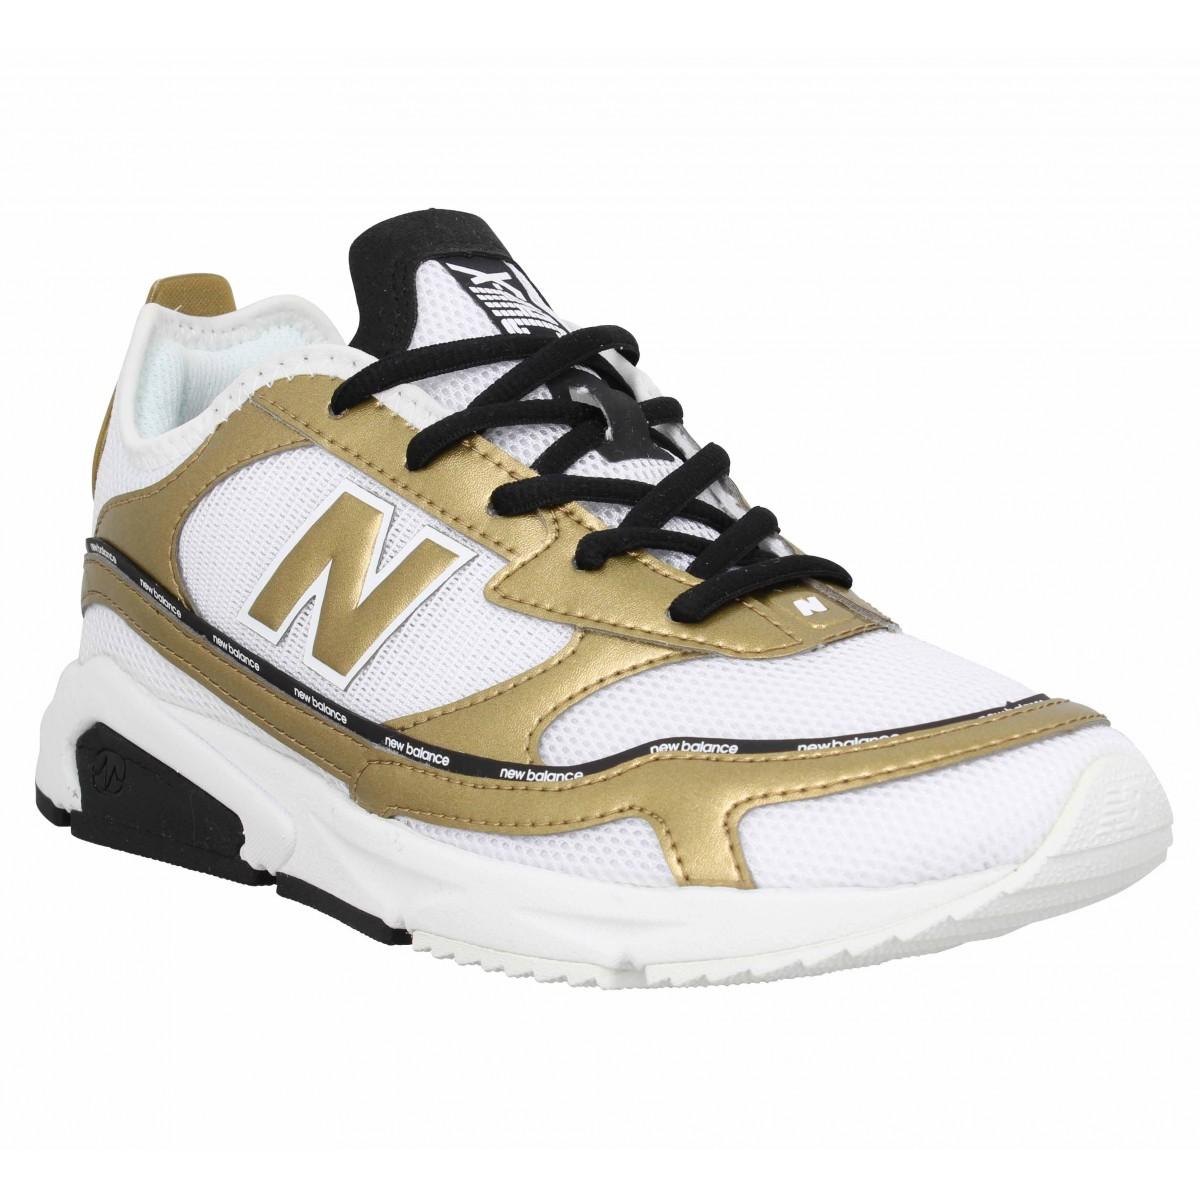 regarder db20c 3bca6 New balance chaussures pour femme - Vente en ligne